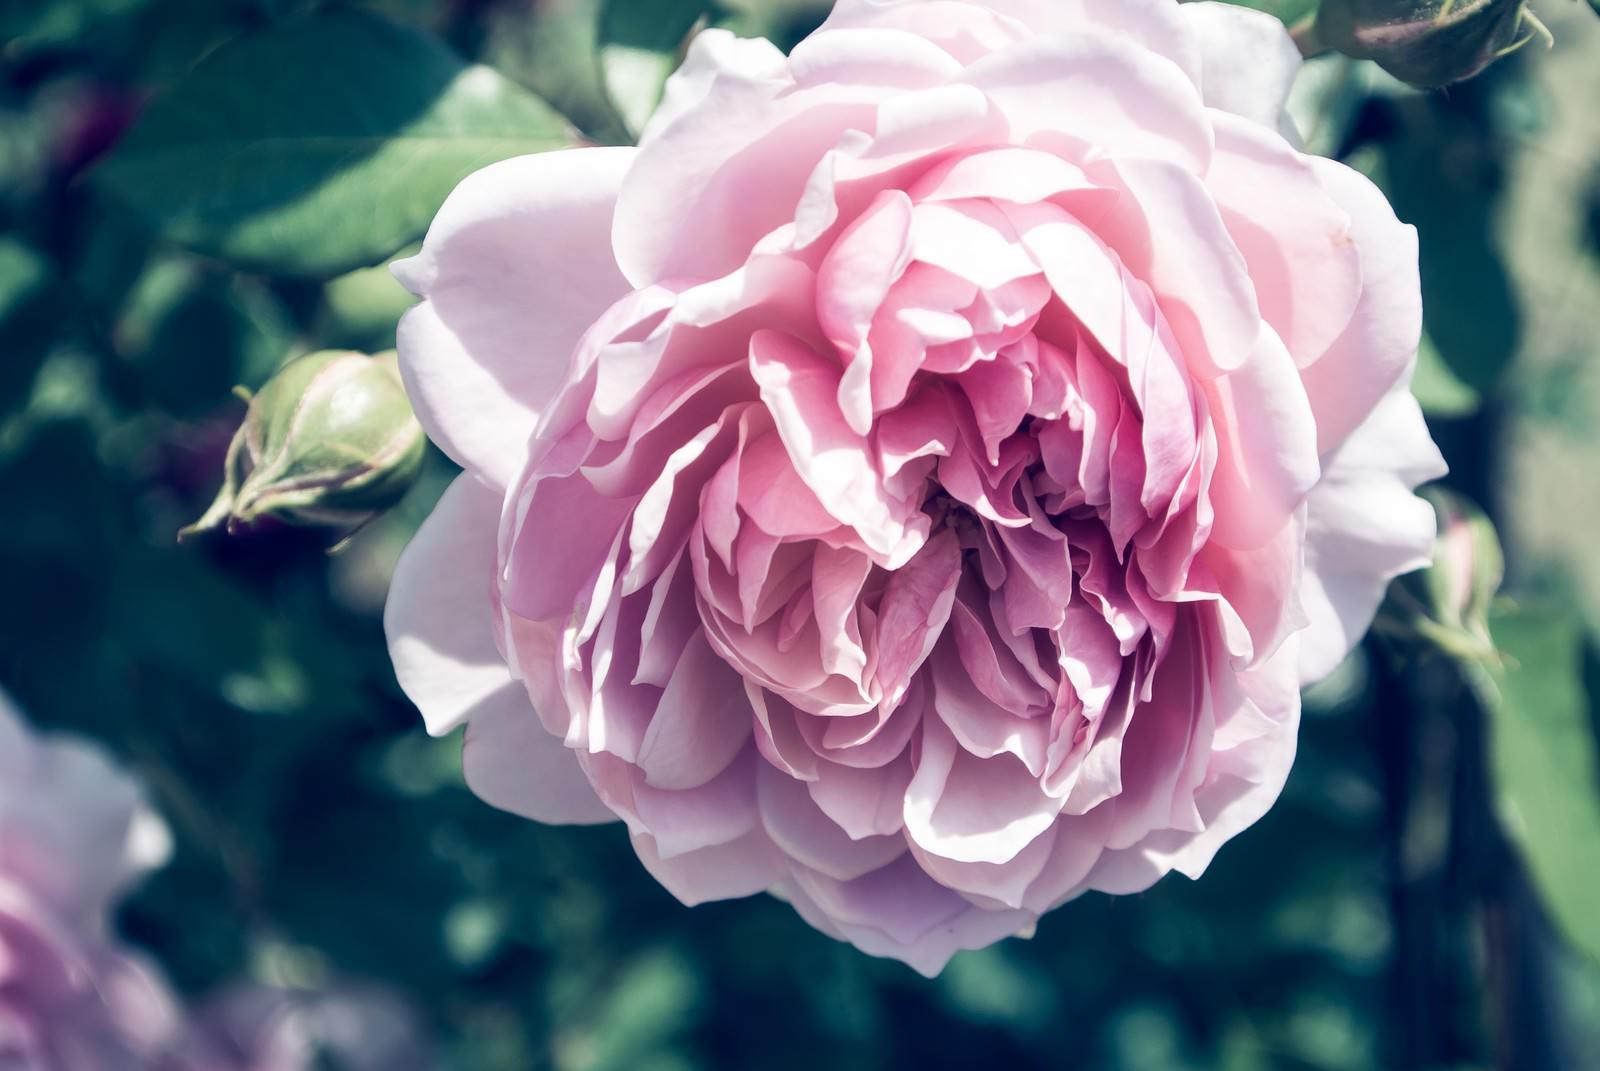 「夢のなかで香る(バラ)夢のなかで香る(バラ)」のフリー写真素材を拡大